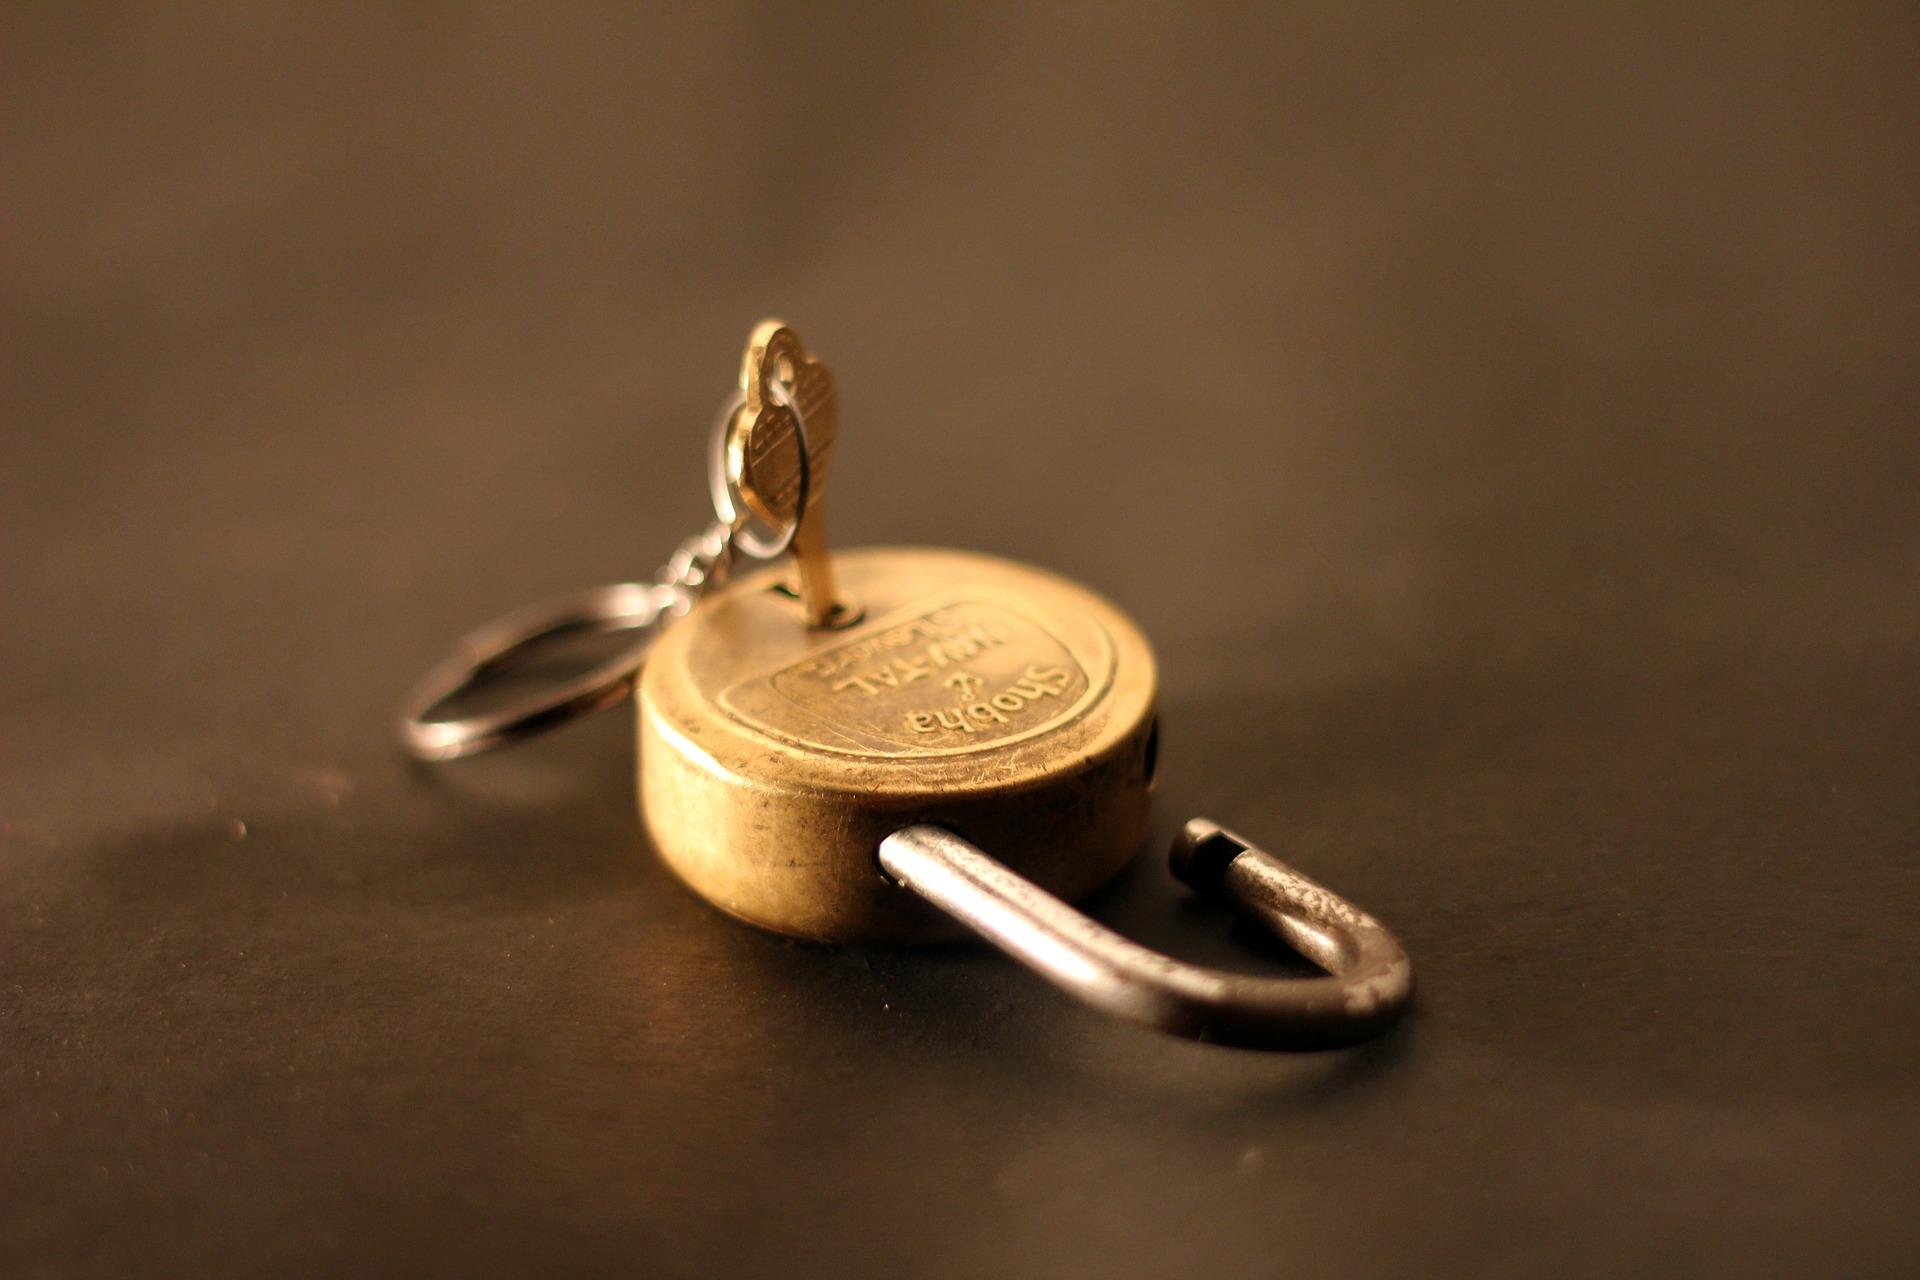 Creare password sicure e semplici